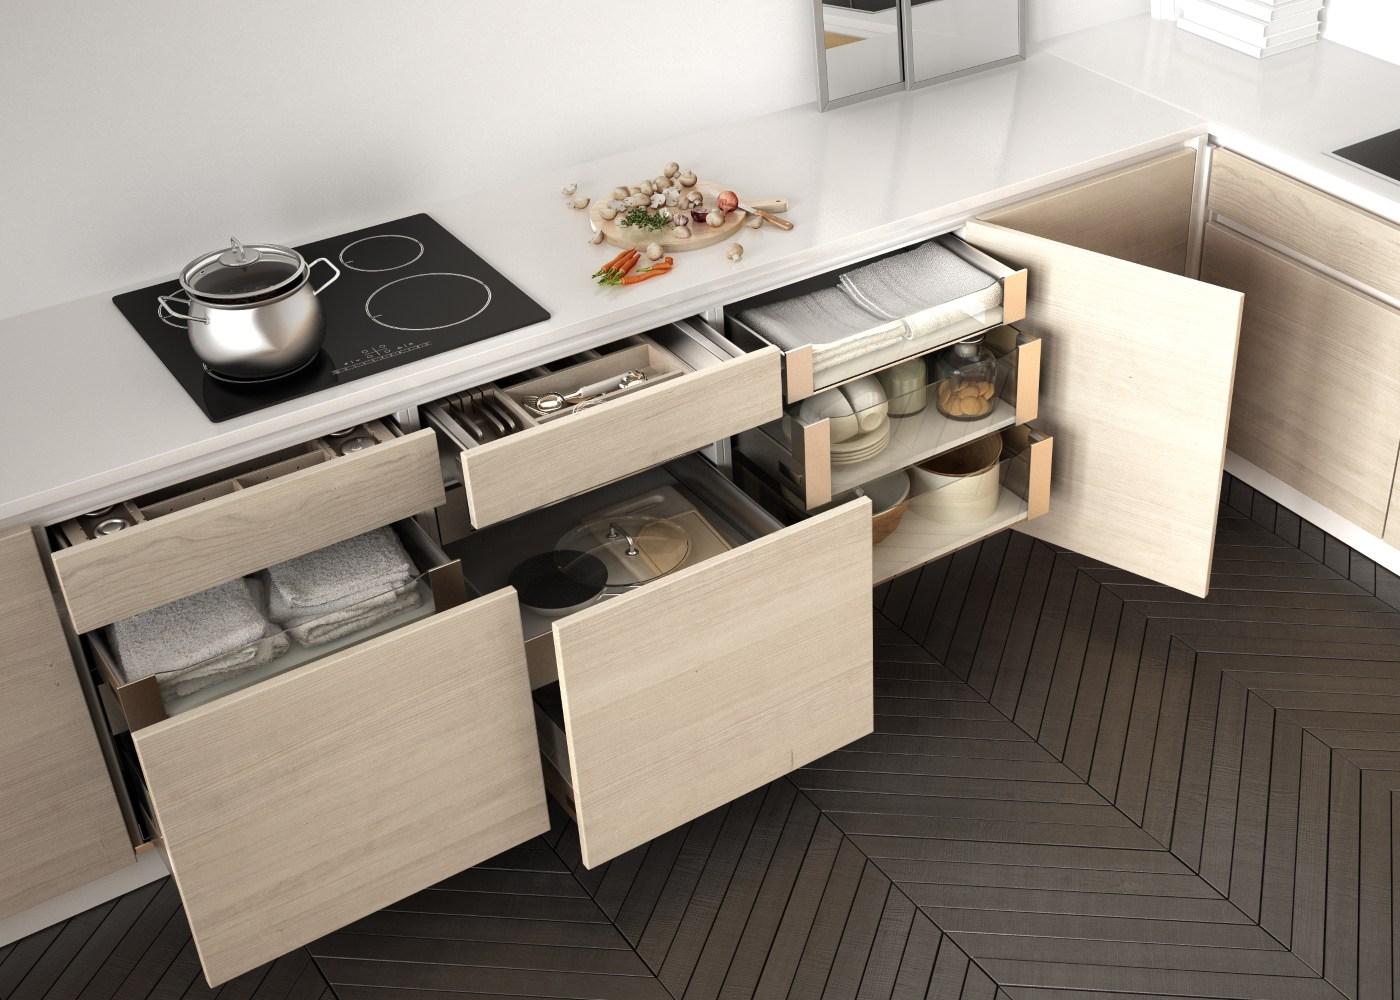 cozinha com muita organização das gavetas